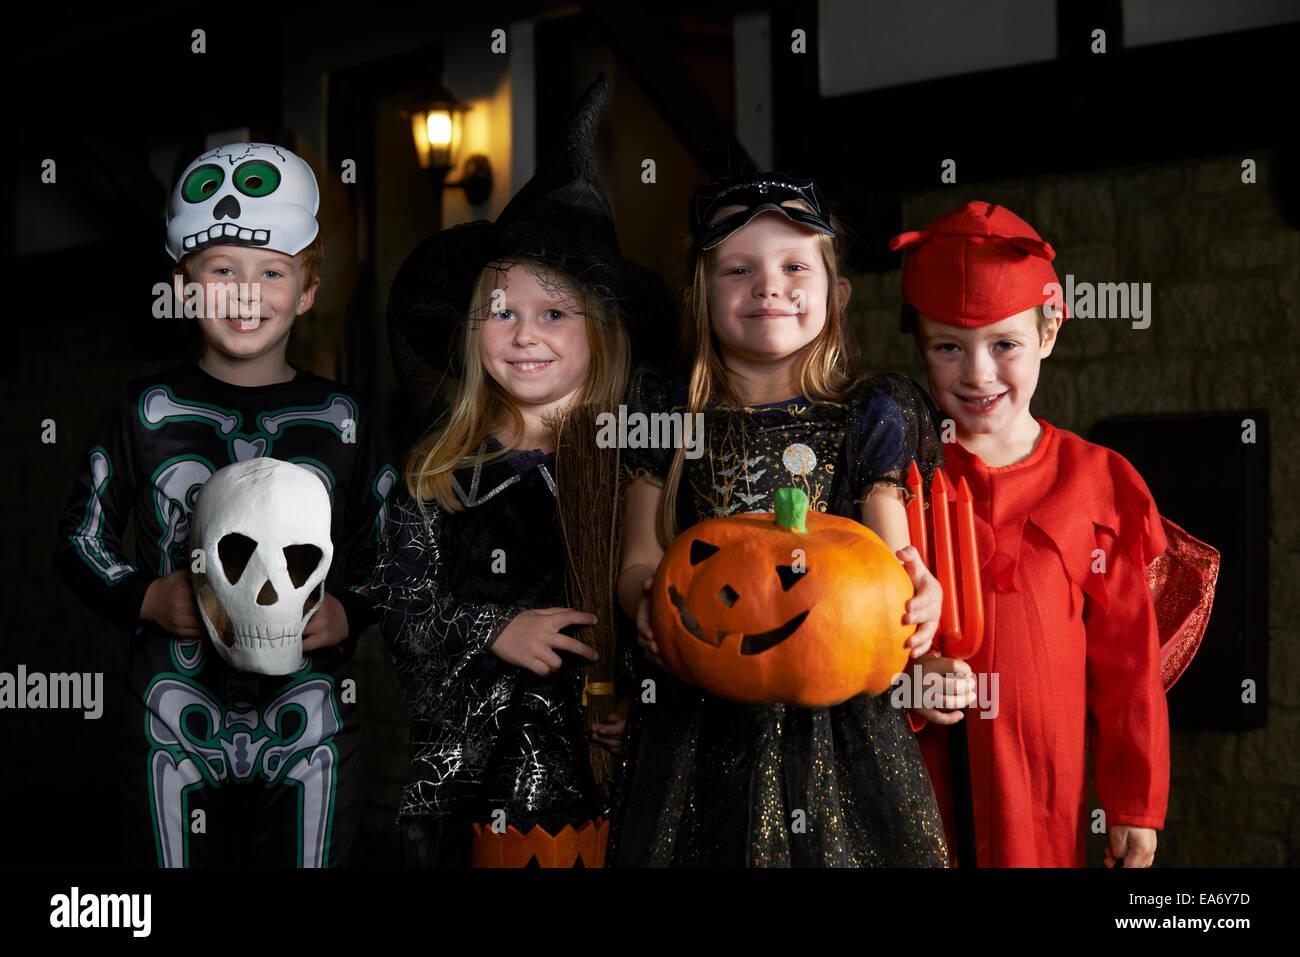 Festa di Halloween con bambini trucco o trattare in costume Immagini Stock